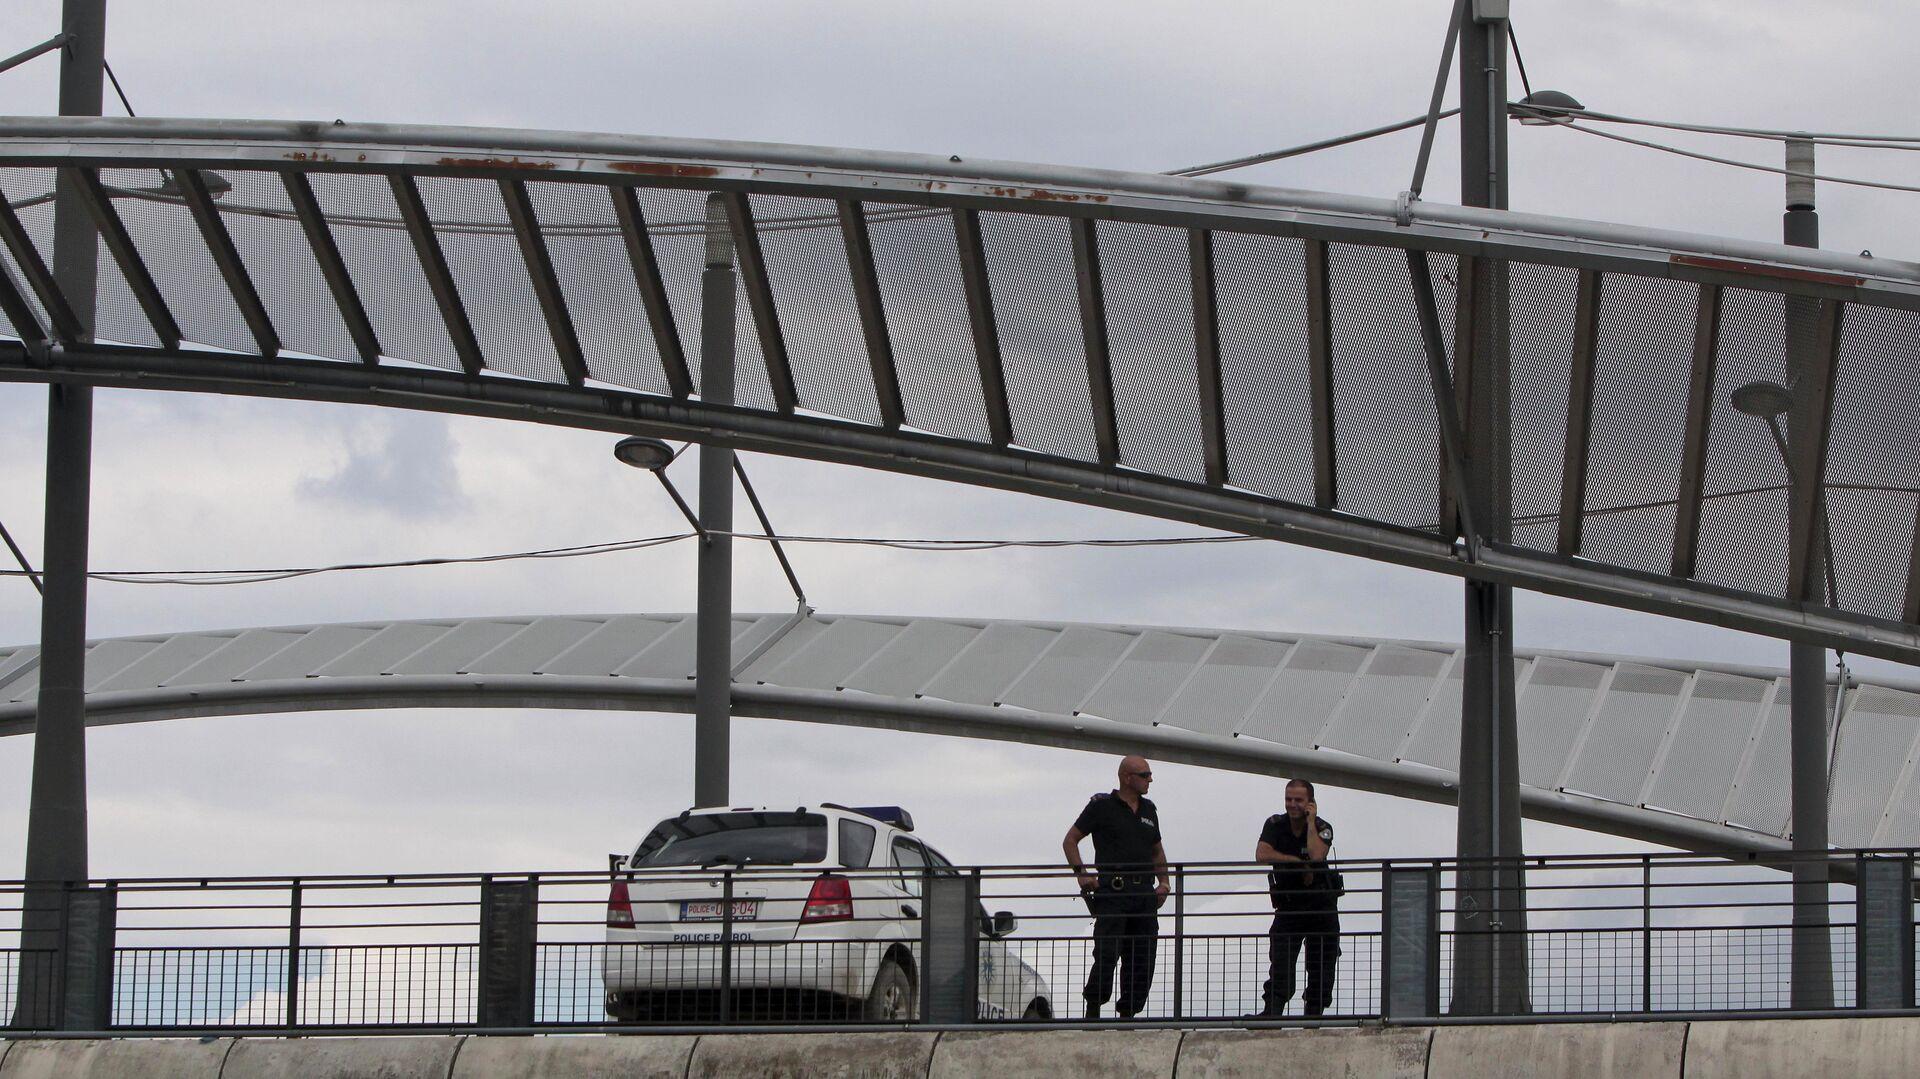 Pripadnici kosovske policije na mostu u Kosovskoj Mitrovici - Sputnik Srbija, 1920, 27.09.2021